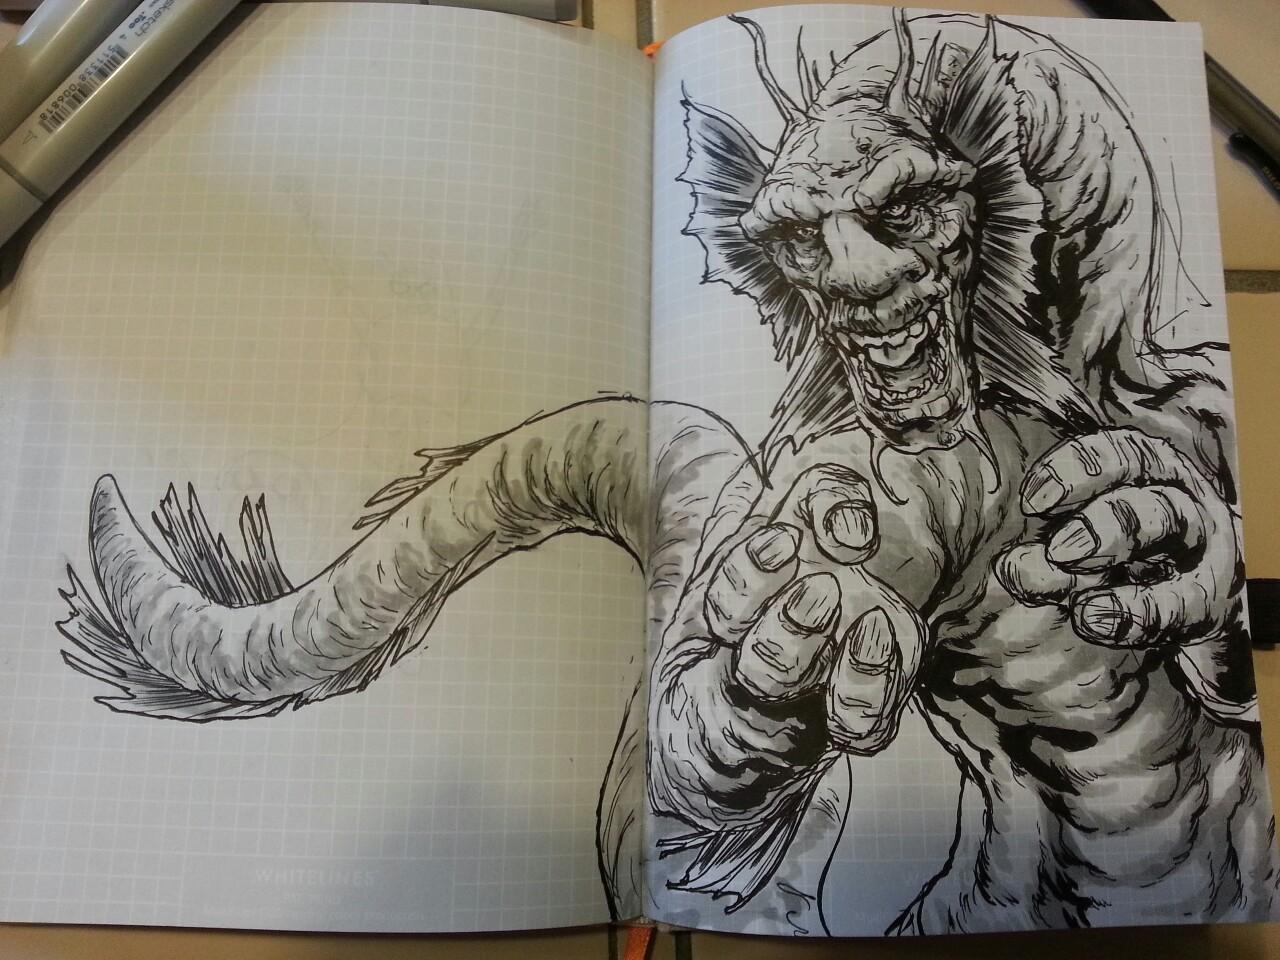 FinFangFoom_Sketch.jpg